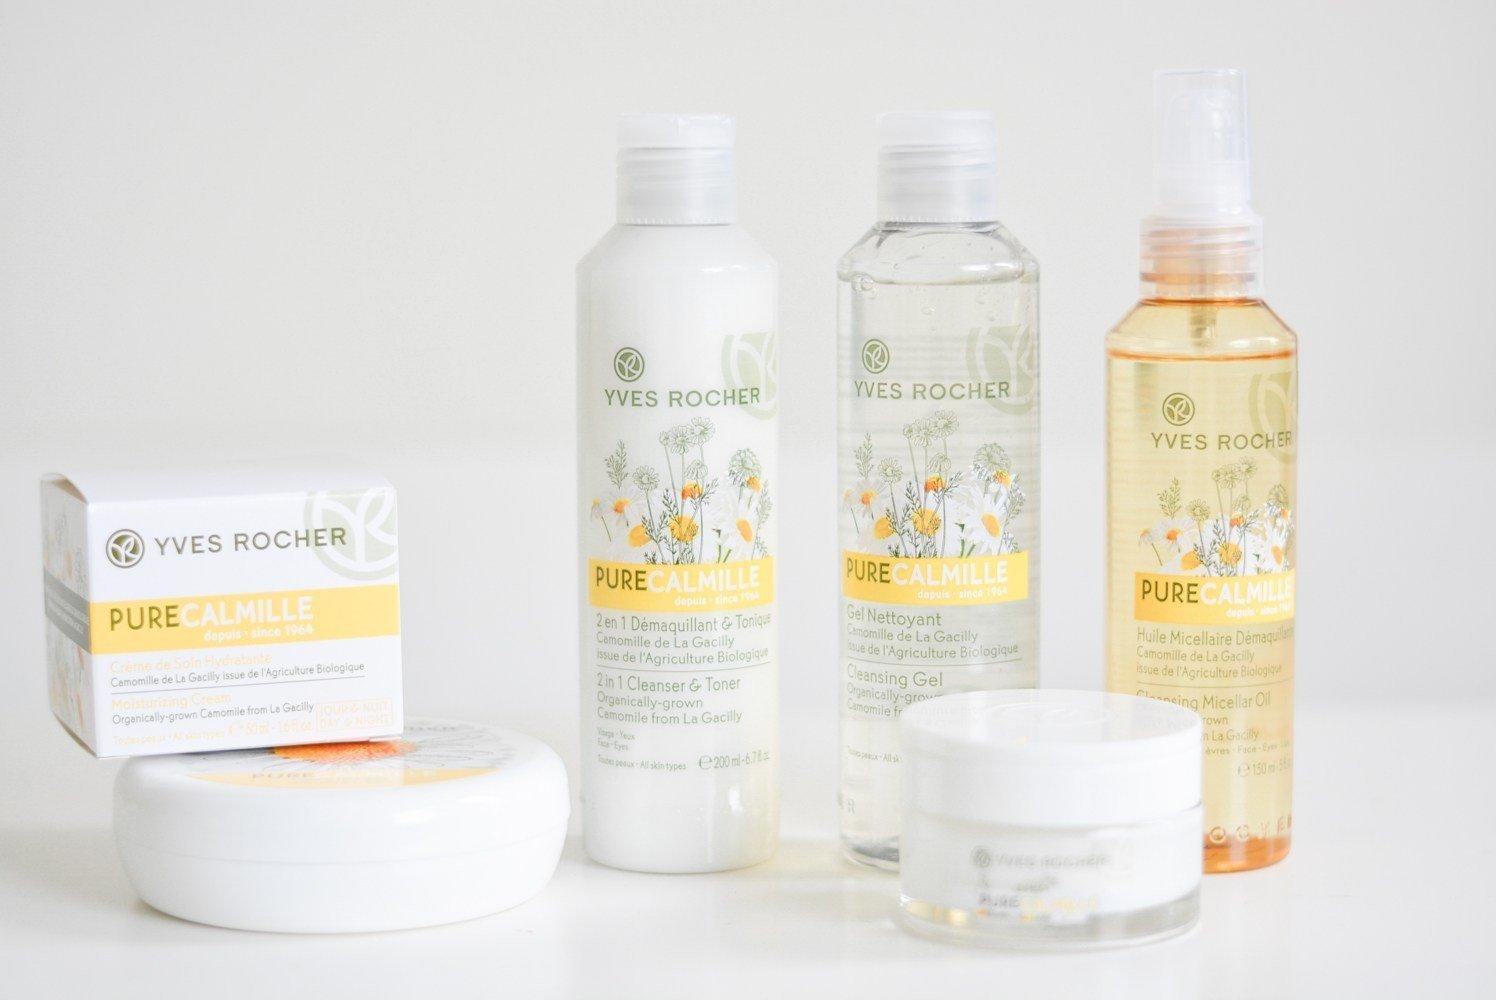 Những sản phẩm chăm sóc da của Yves Rocher ngày càng đa dạng về chức năng lẫn hiệu quả